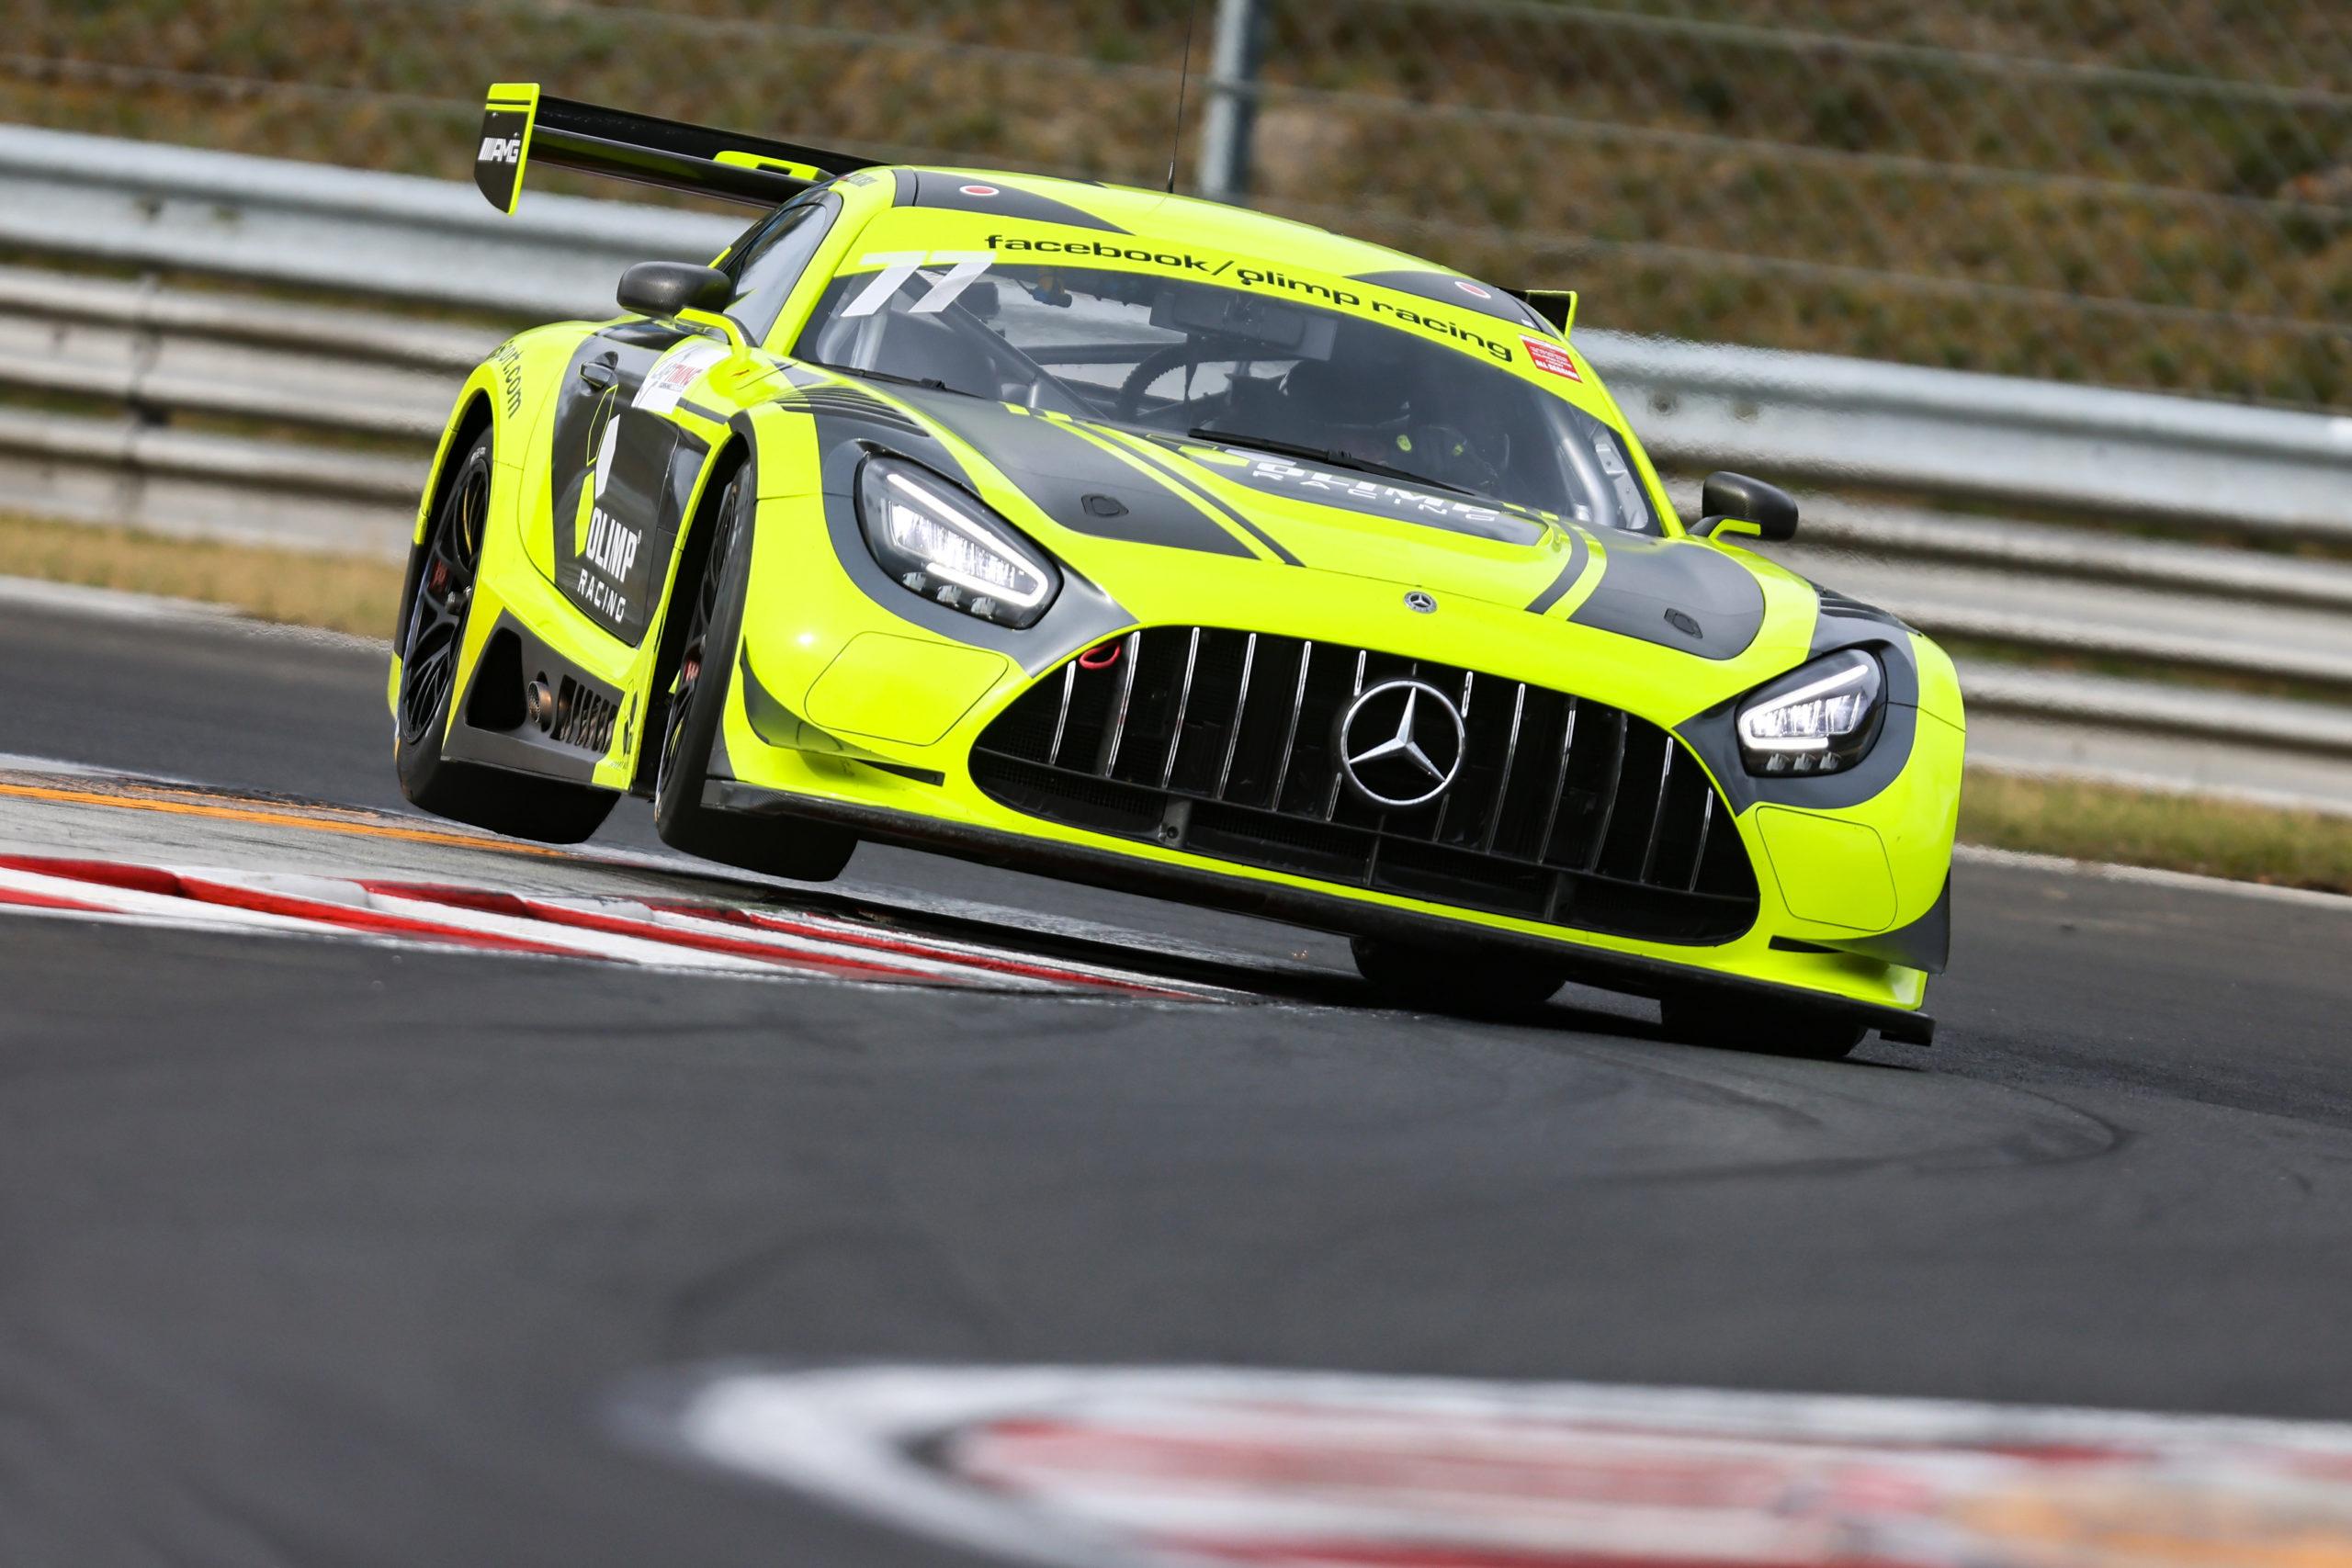 Jedlinski už má v GT sprintu jistý titul